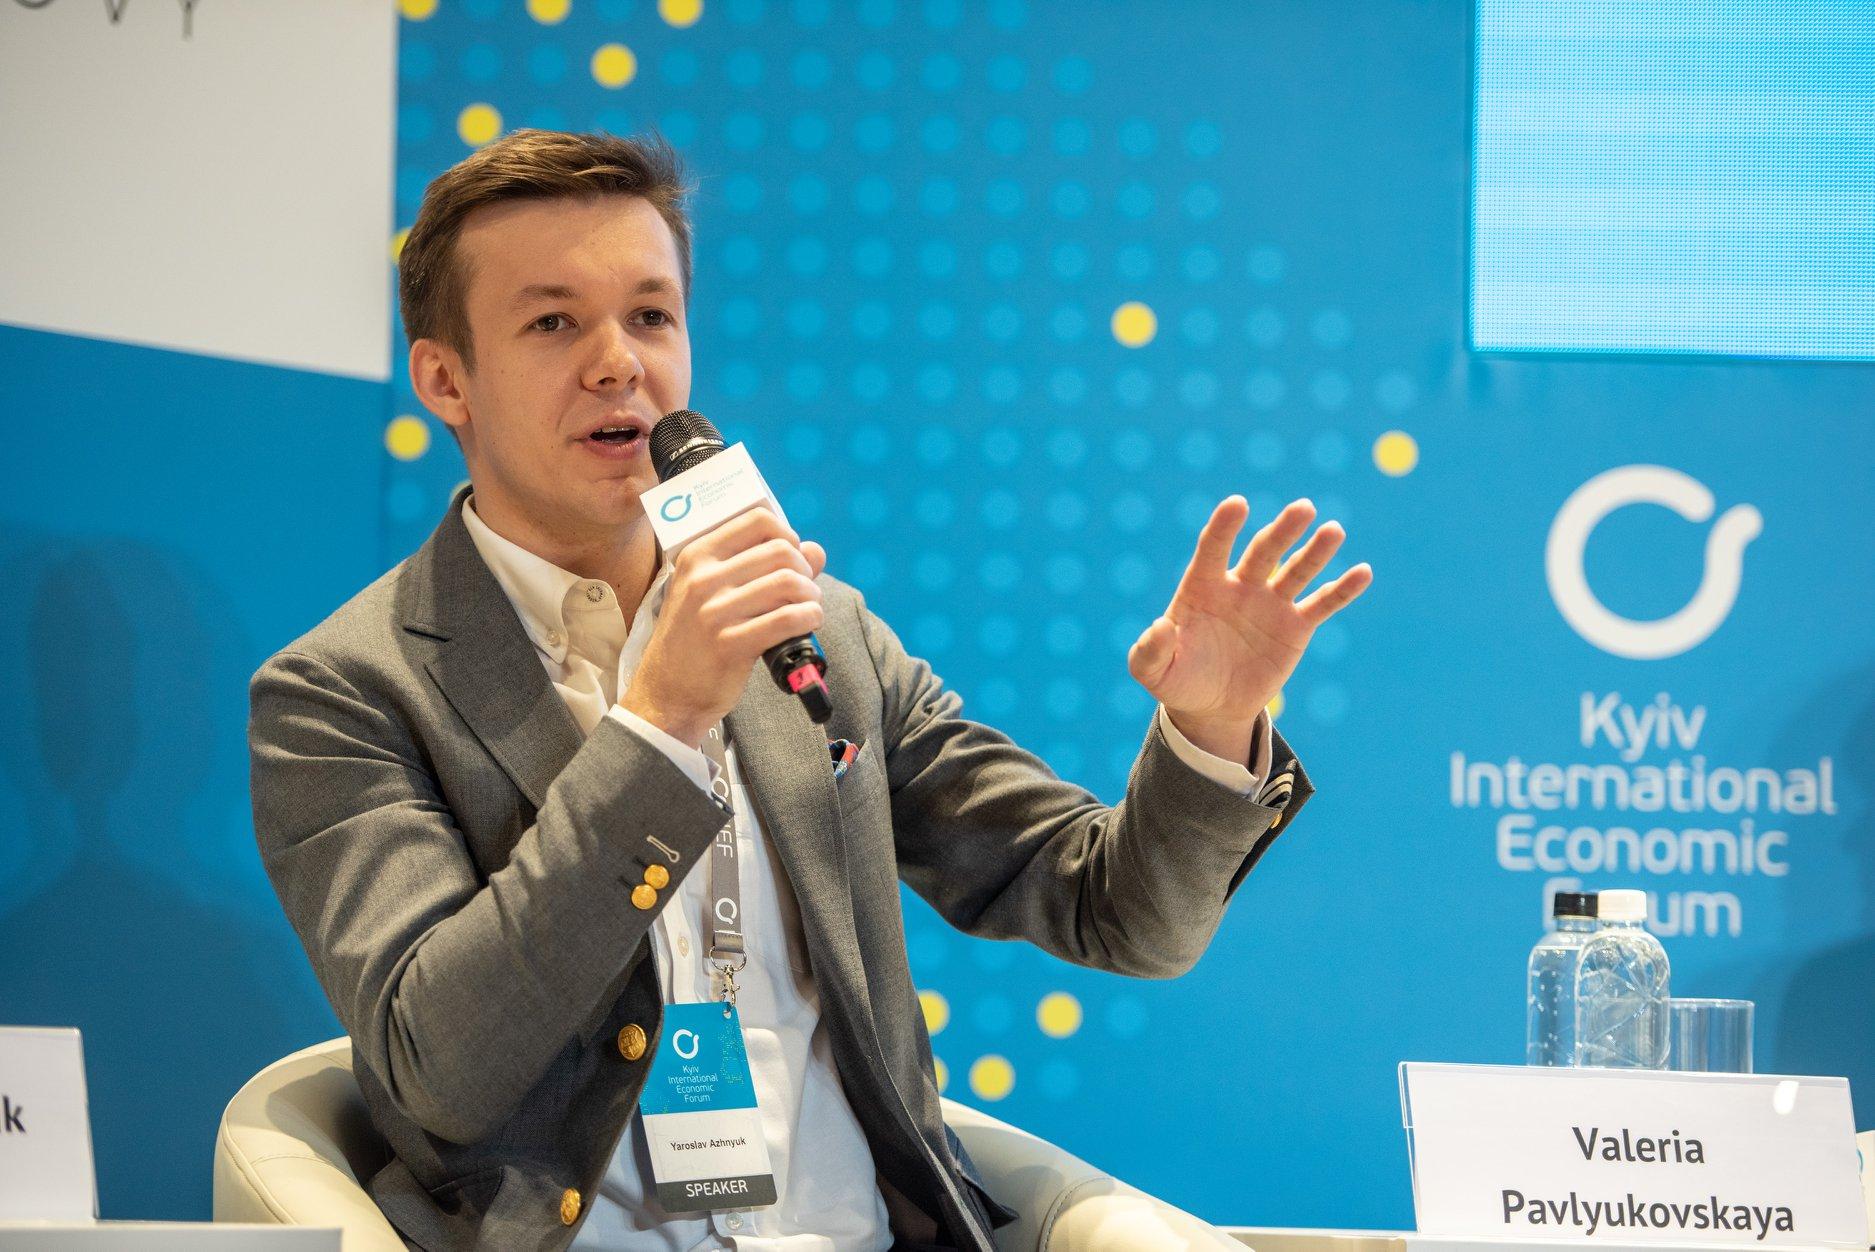 ПРАВО НАЛЕВО: Ярослав Ажнюк, СЕО Petcube, готов позволить партнеру ошибиться, но не будет навязывать свое мнение.